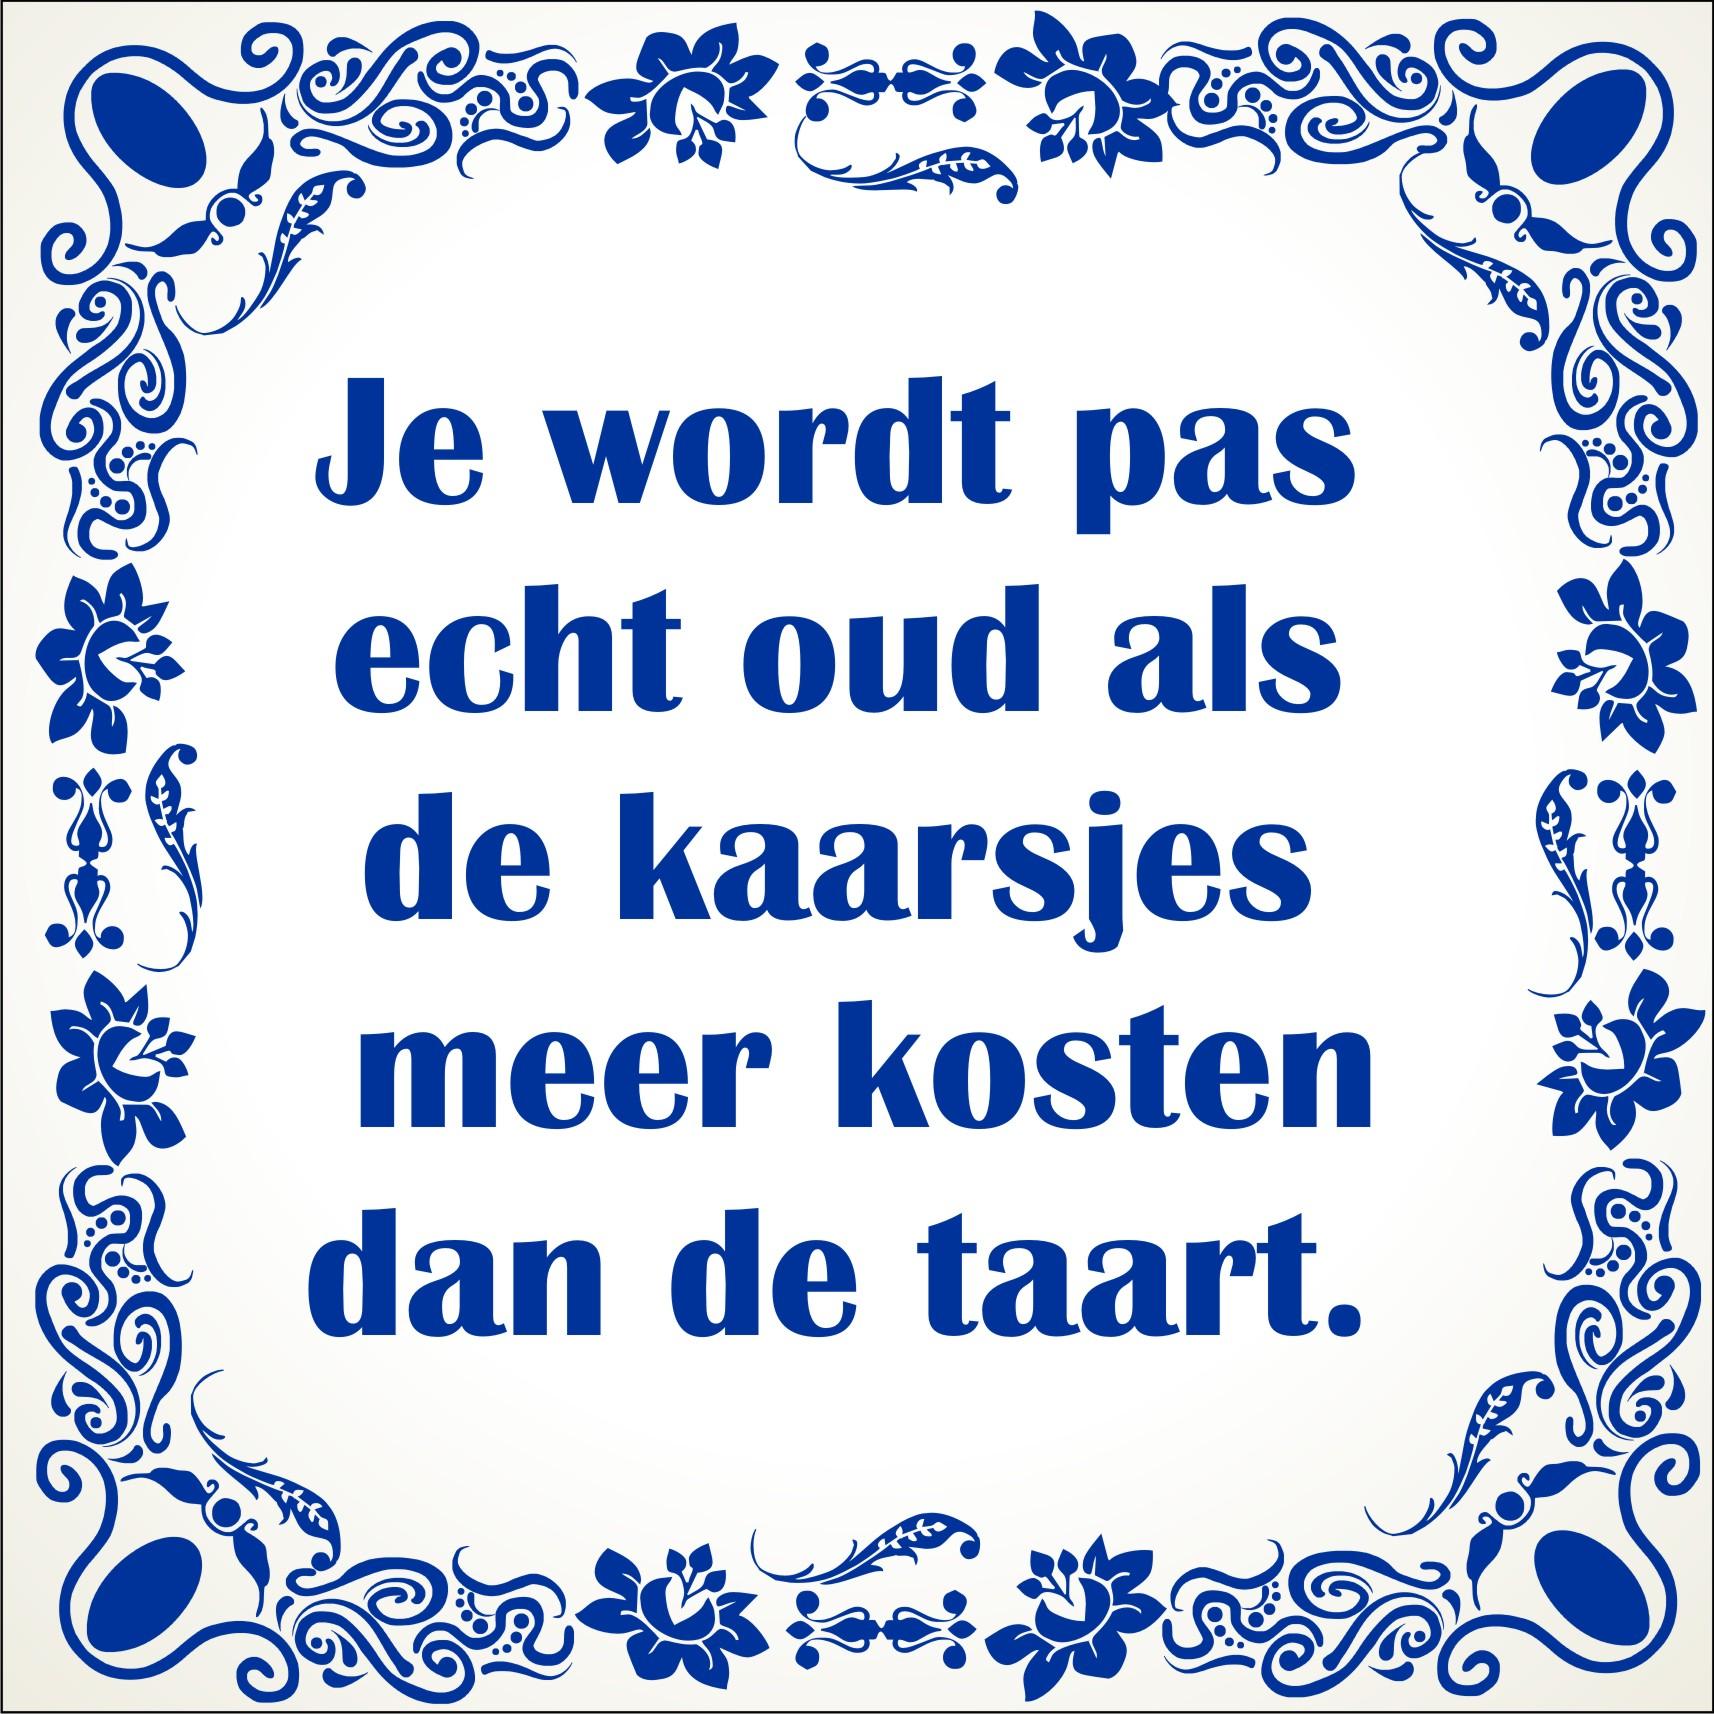 40 Jaar Oud Worden